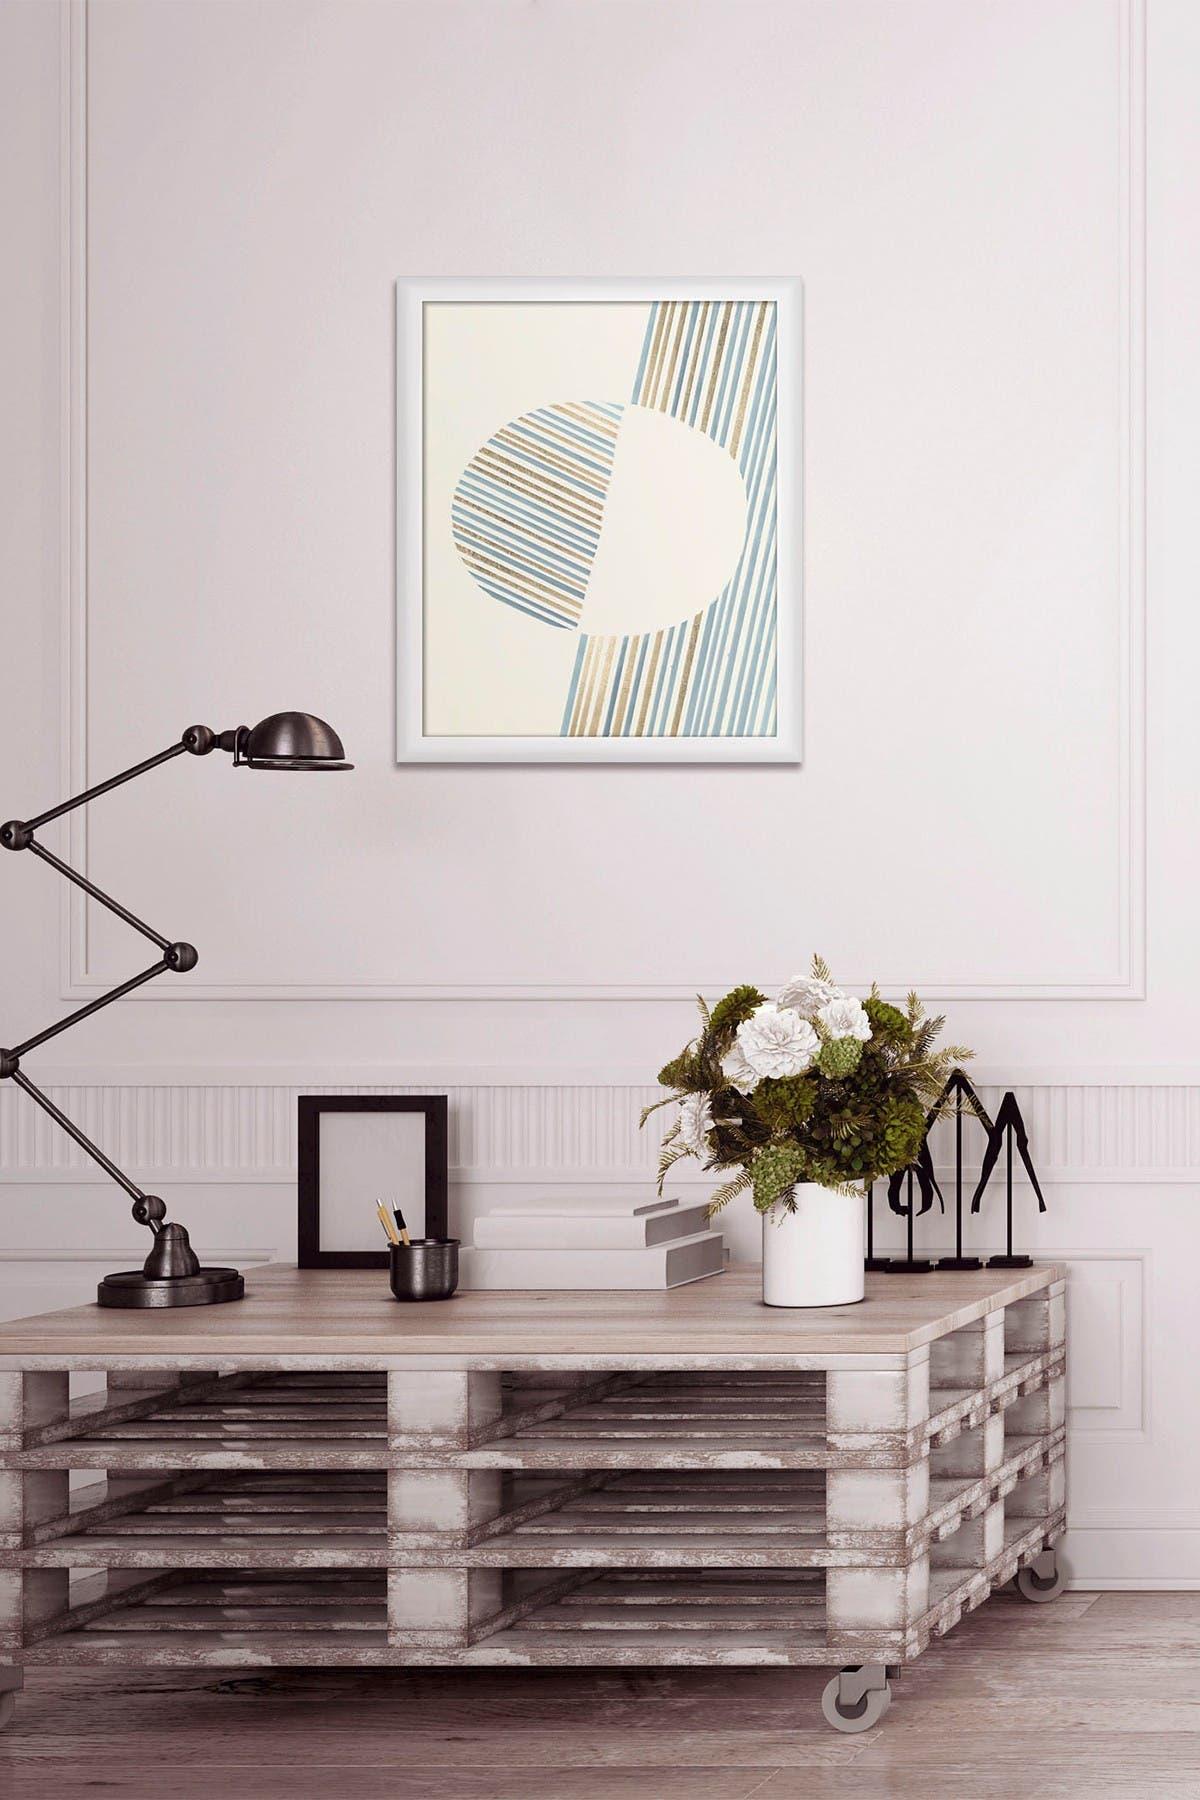 Image of PTM Images Pink & Mint 2 Framed Print